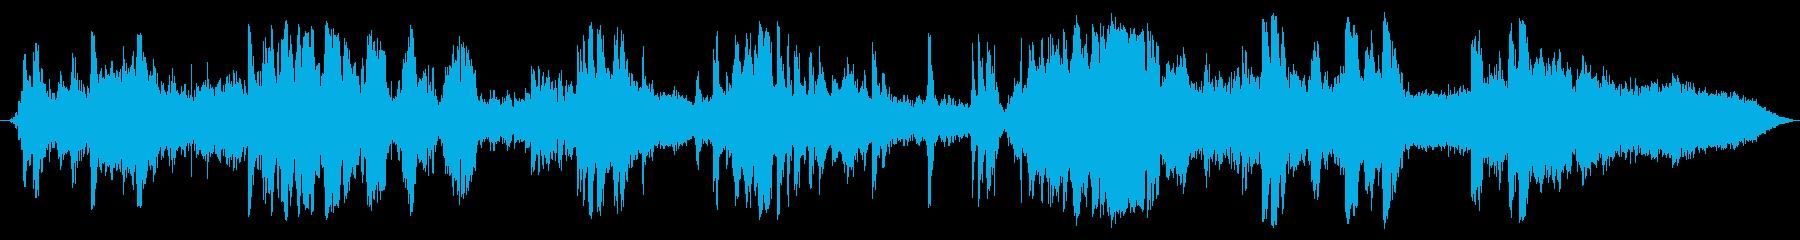 電動フォークリフト:倉庫の内部:重...の再生済みの波形